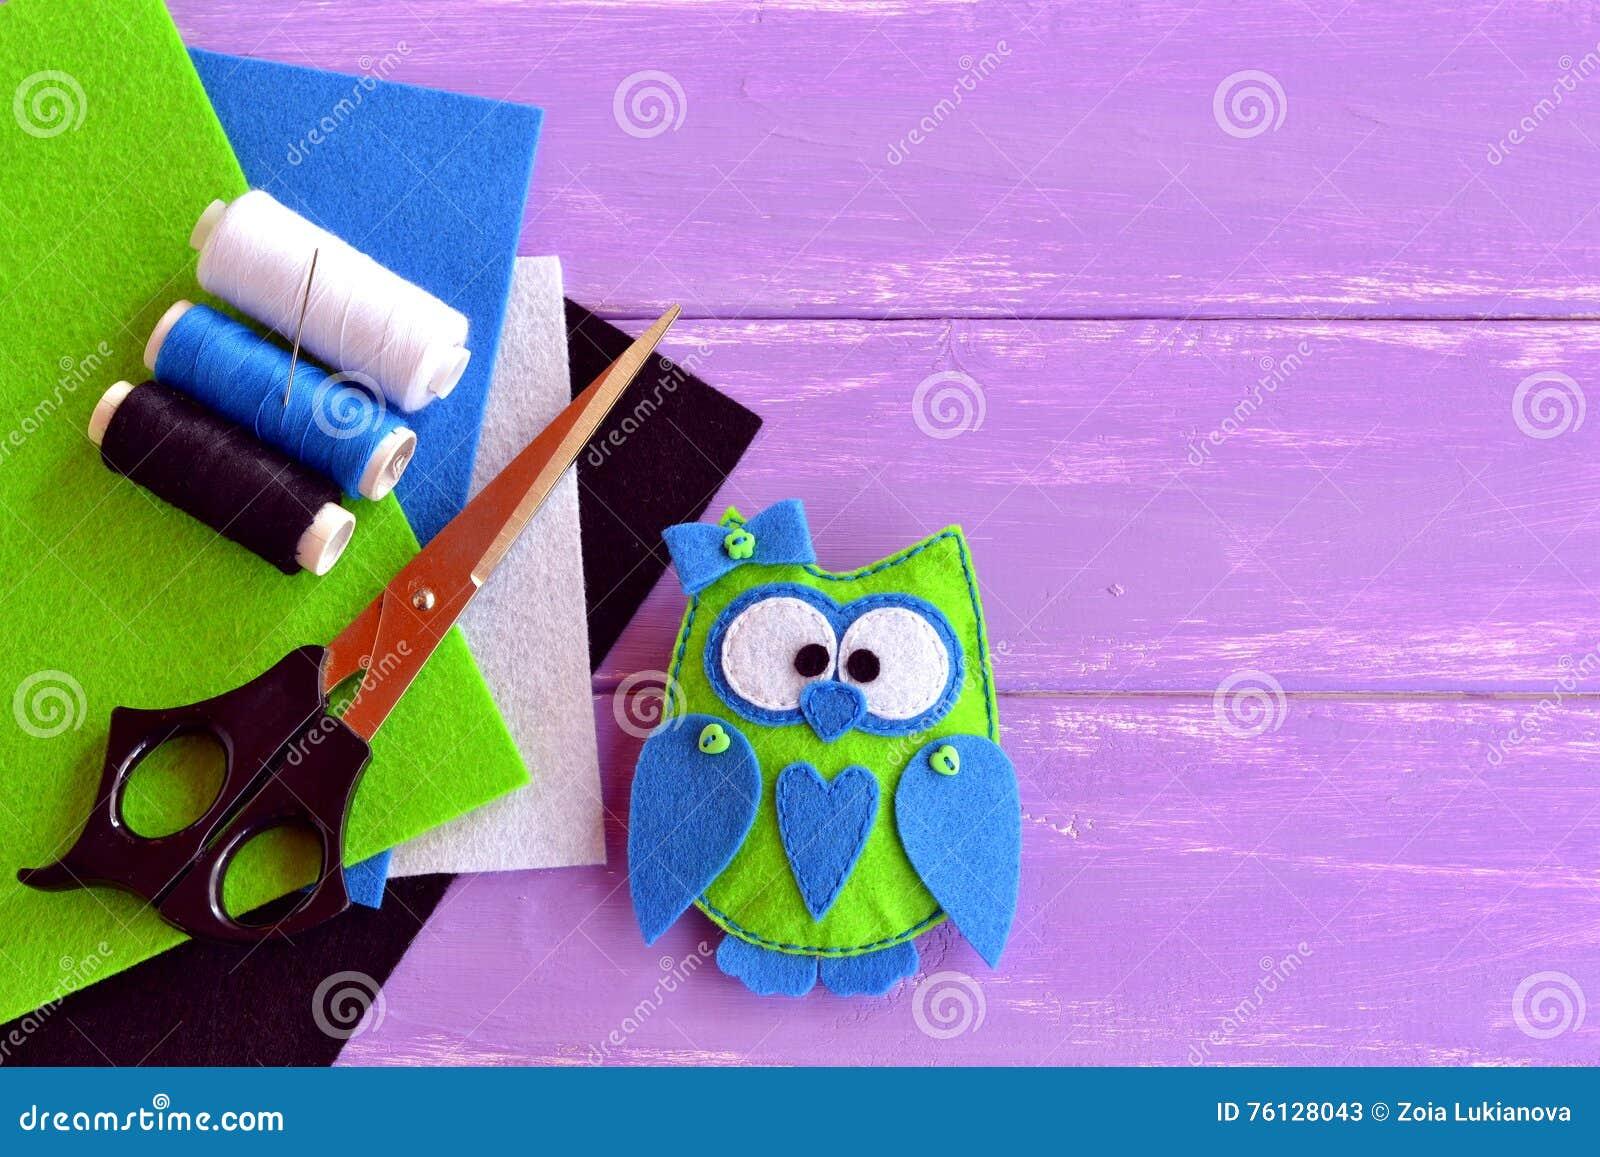 Angefülltes Spielzeug Des Filzhanddruckes Eule Spielzeug Des